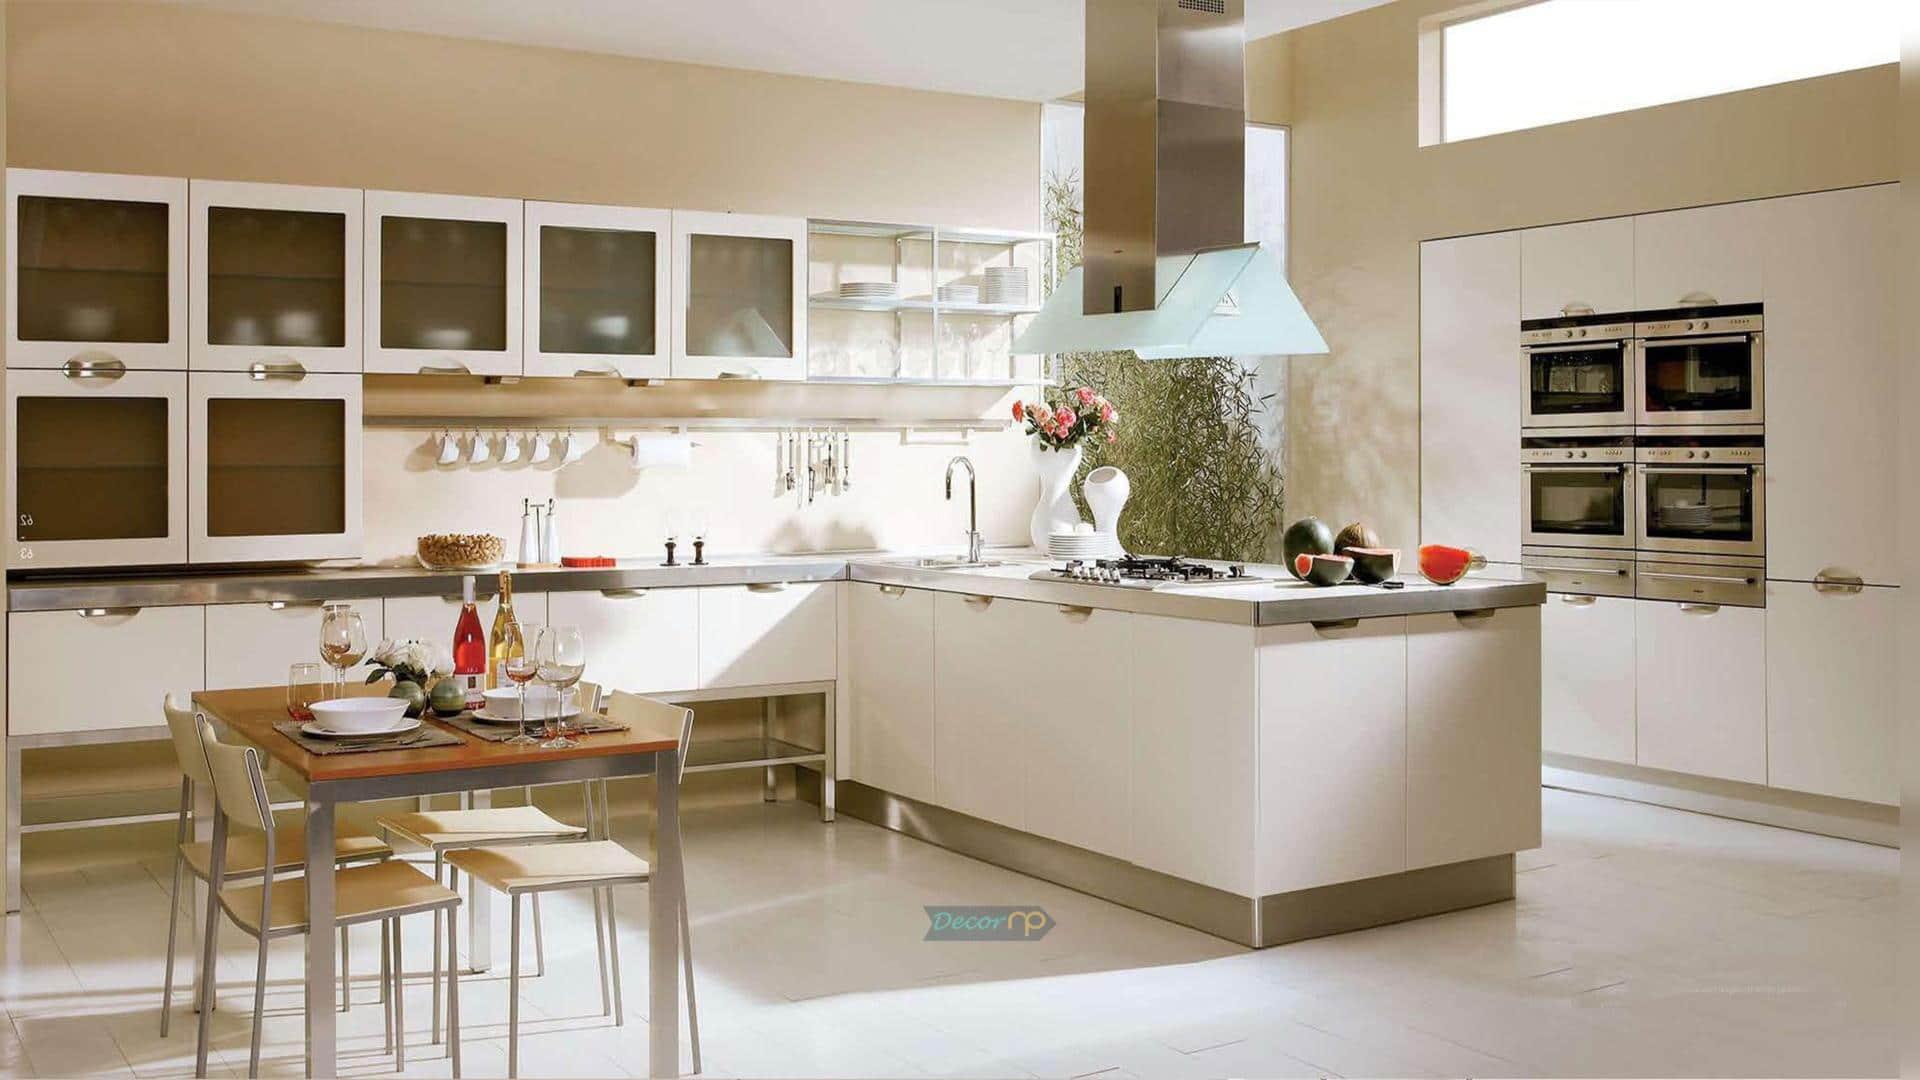 Original kitchen design